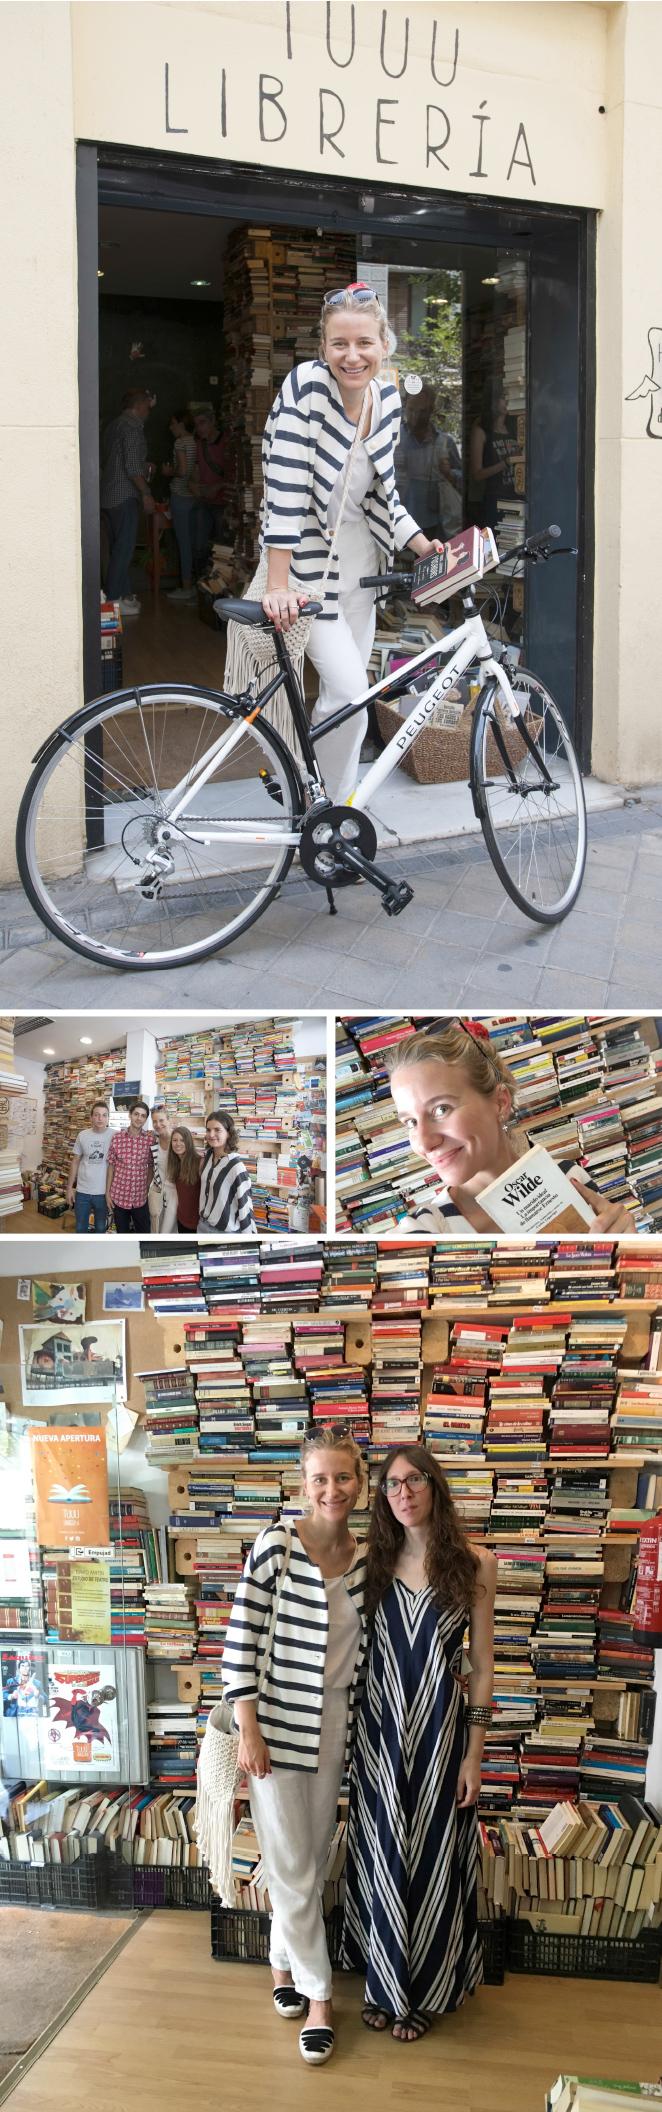 Tuuu Librería. Ya un poco más alejada, en la calle Covarrubias, paramos en esta singular librería cuya premisa se basa en fomentar la importancia de la lectura pero de una manera sostenible. Es un espacio donde cada uno puede coger los libros que le apetezca leer a cambio de un donativo y, por otro lado, esos libros que ya hemos leído y de los que nos hemos cansado, se pueden entregar allí mismo también